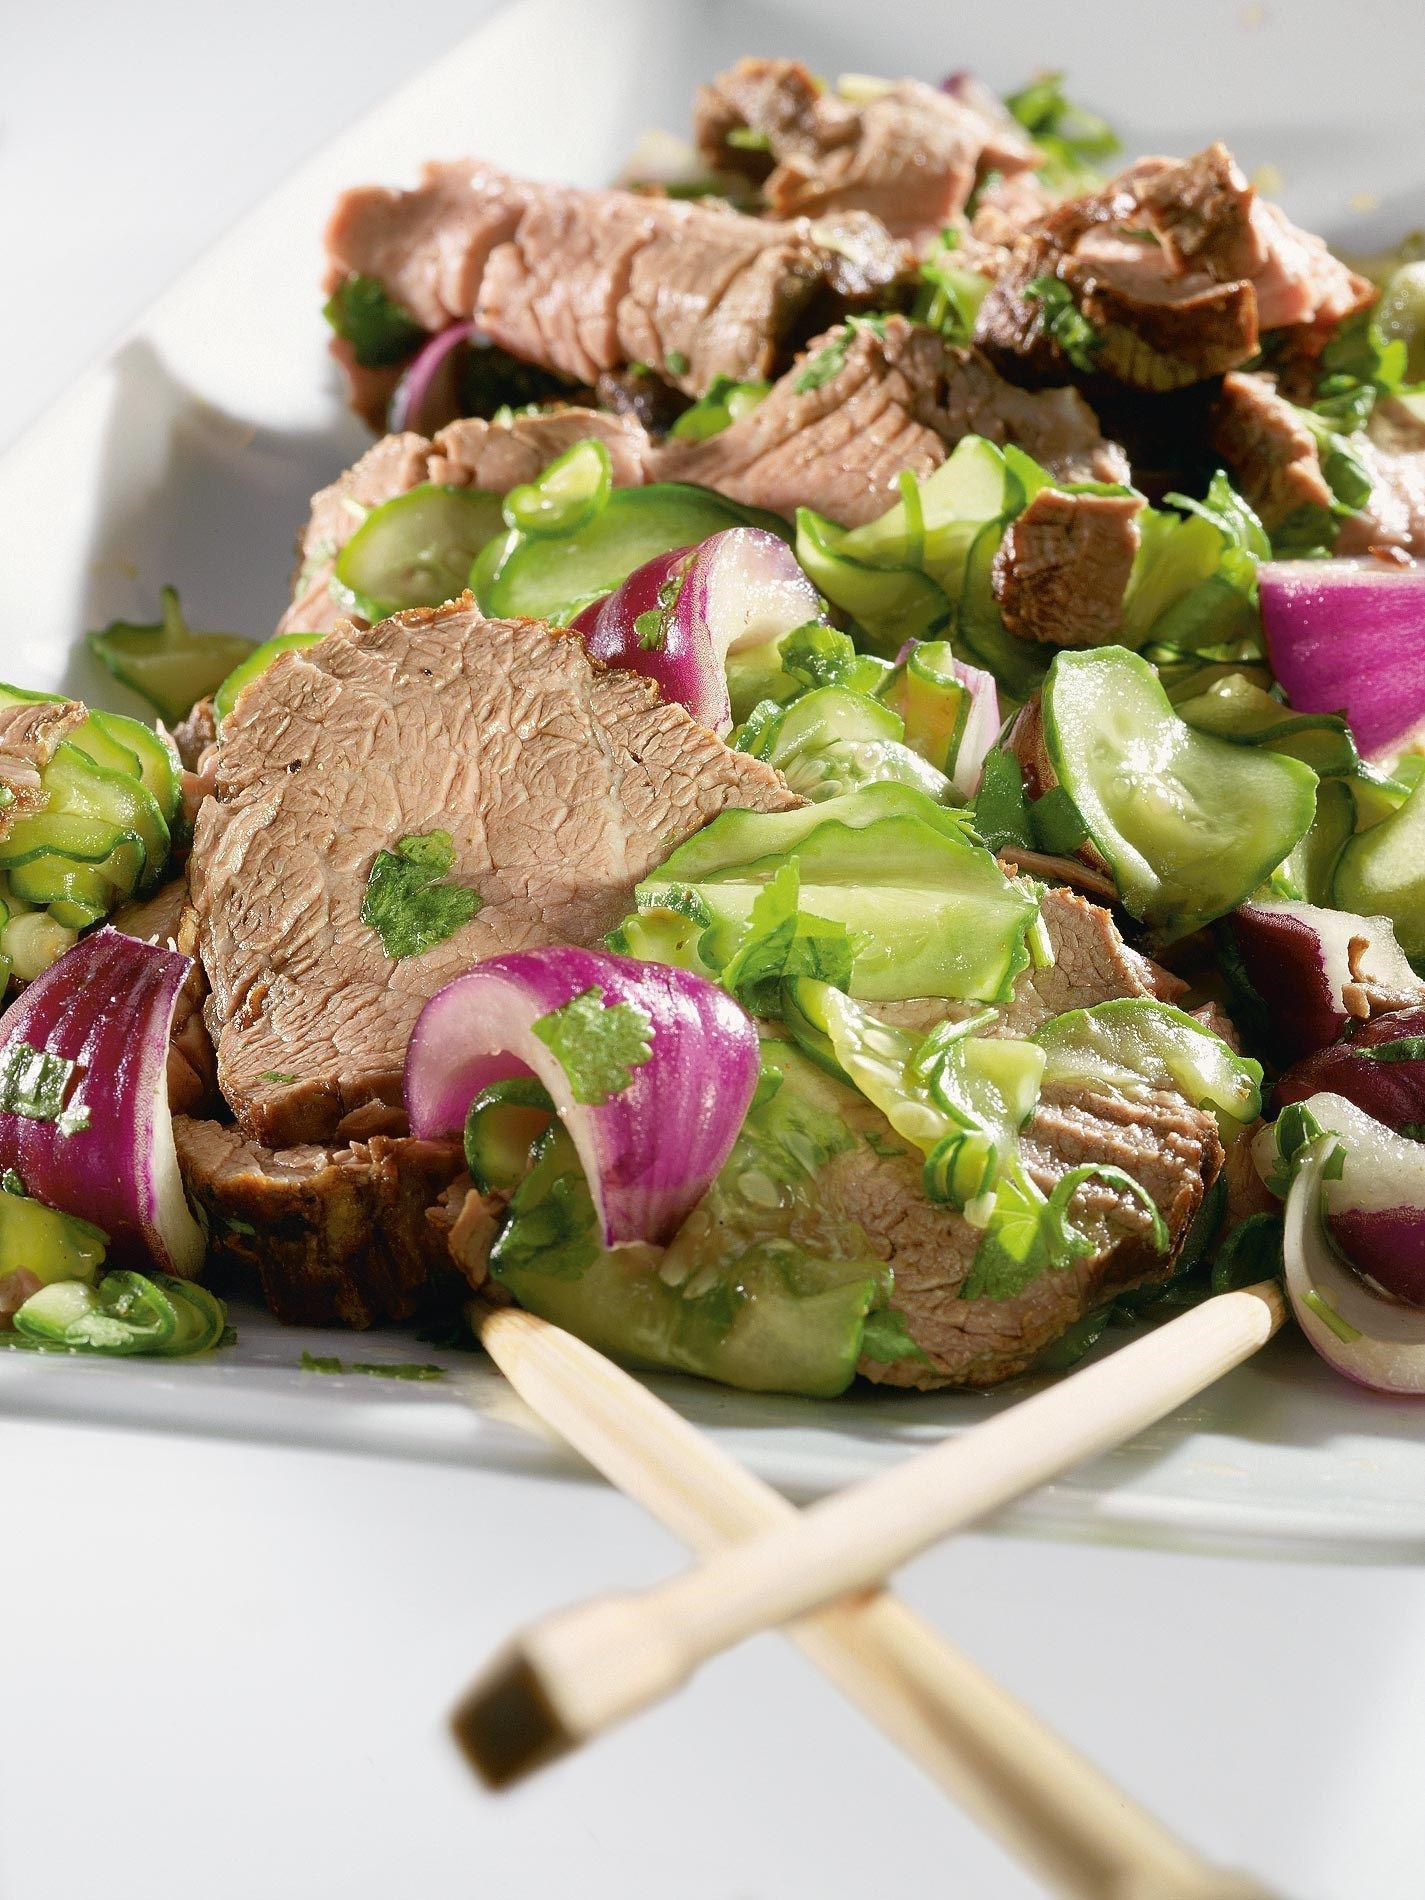 Холодный салат с говядиной | Рецепт | Идеи для блюд, Еда и ...